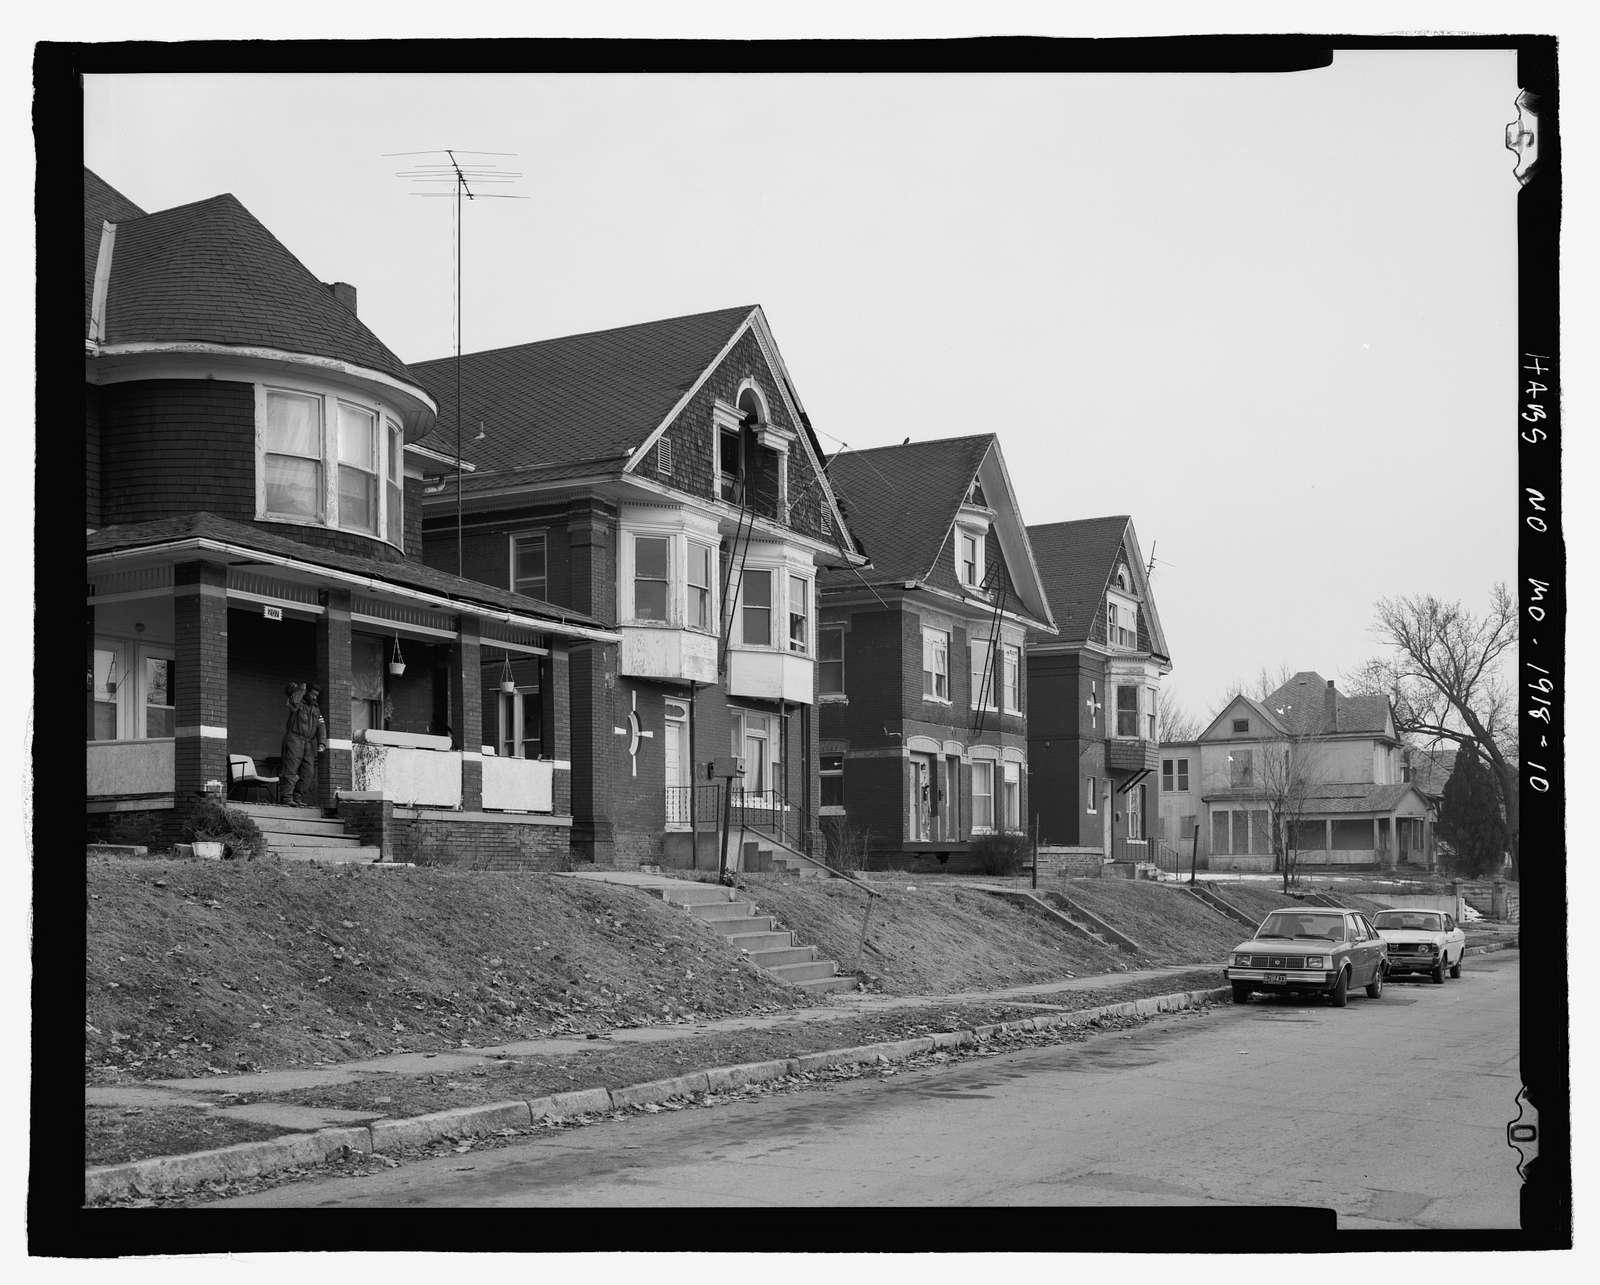 Rufus K. Allen House, 305 South Fifteenth Street, Saint Joseph, Buchanan County, MO